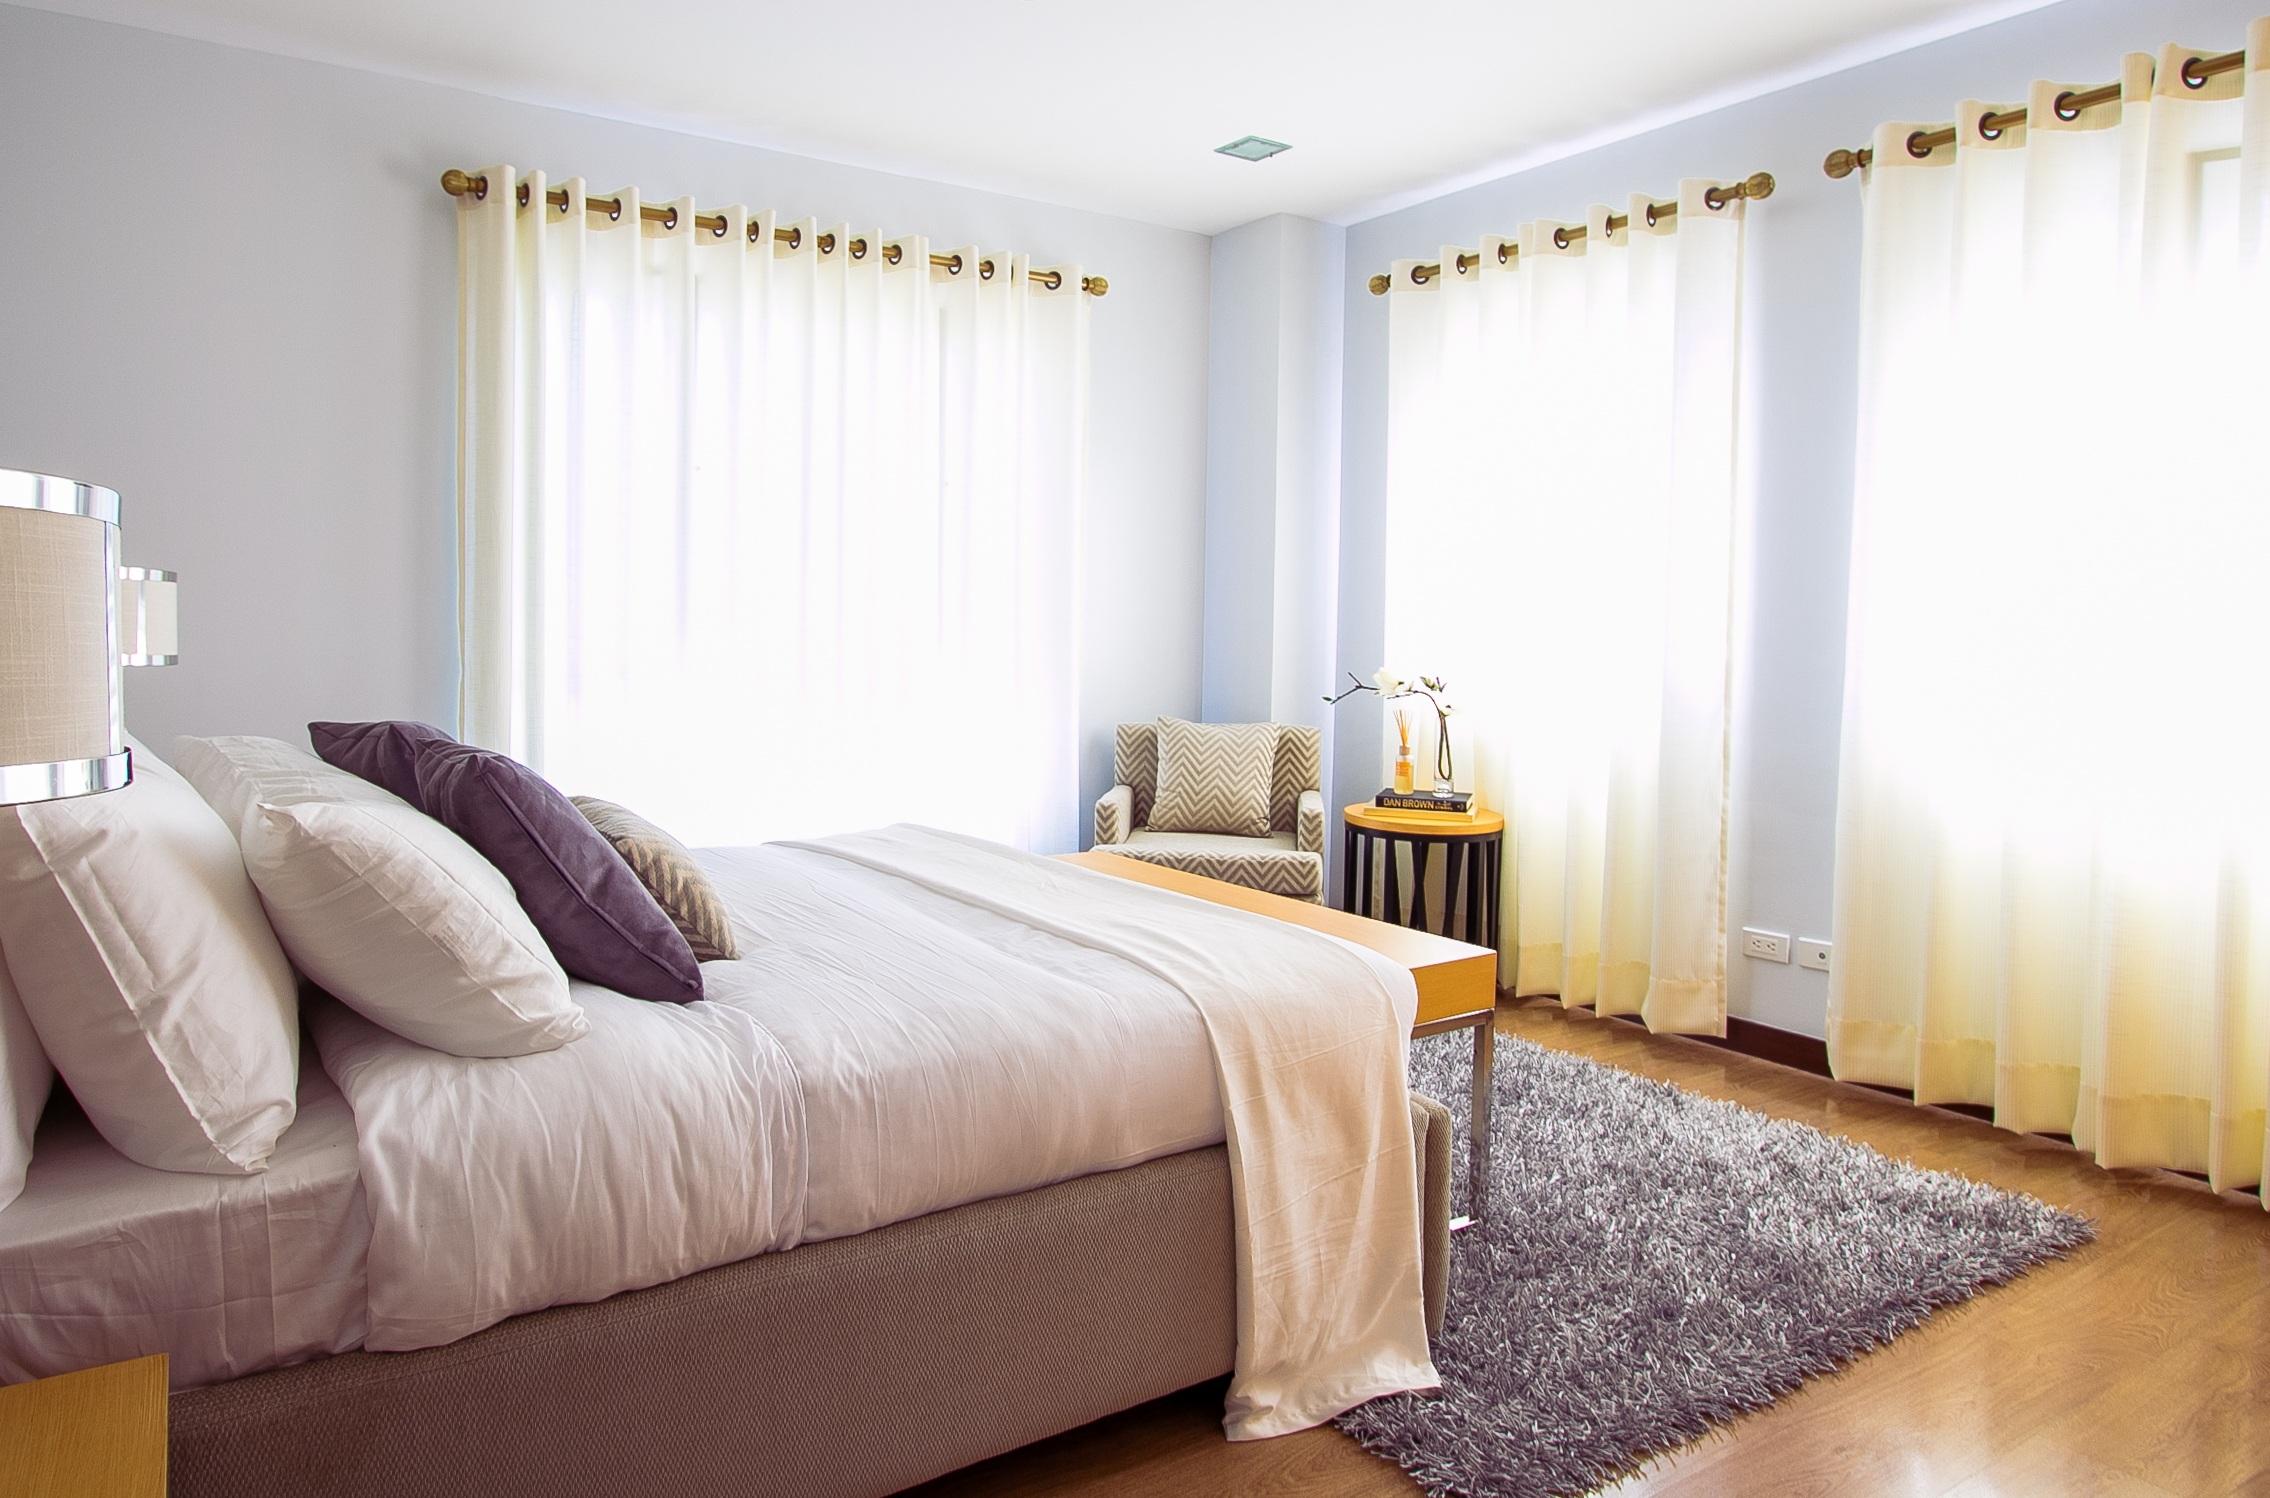 In Hotelbetten fühlen sie sich besonders wohl: Die Bettwanzen - Leeser & Will Schädlingsbekämpfung München betreut von ready4marketing.de